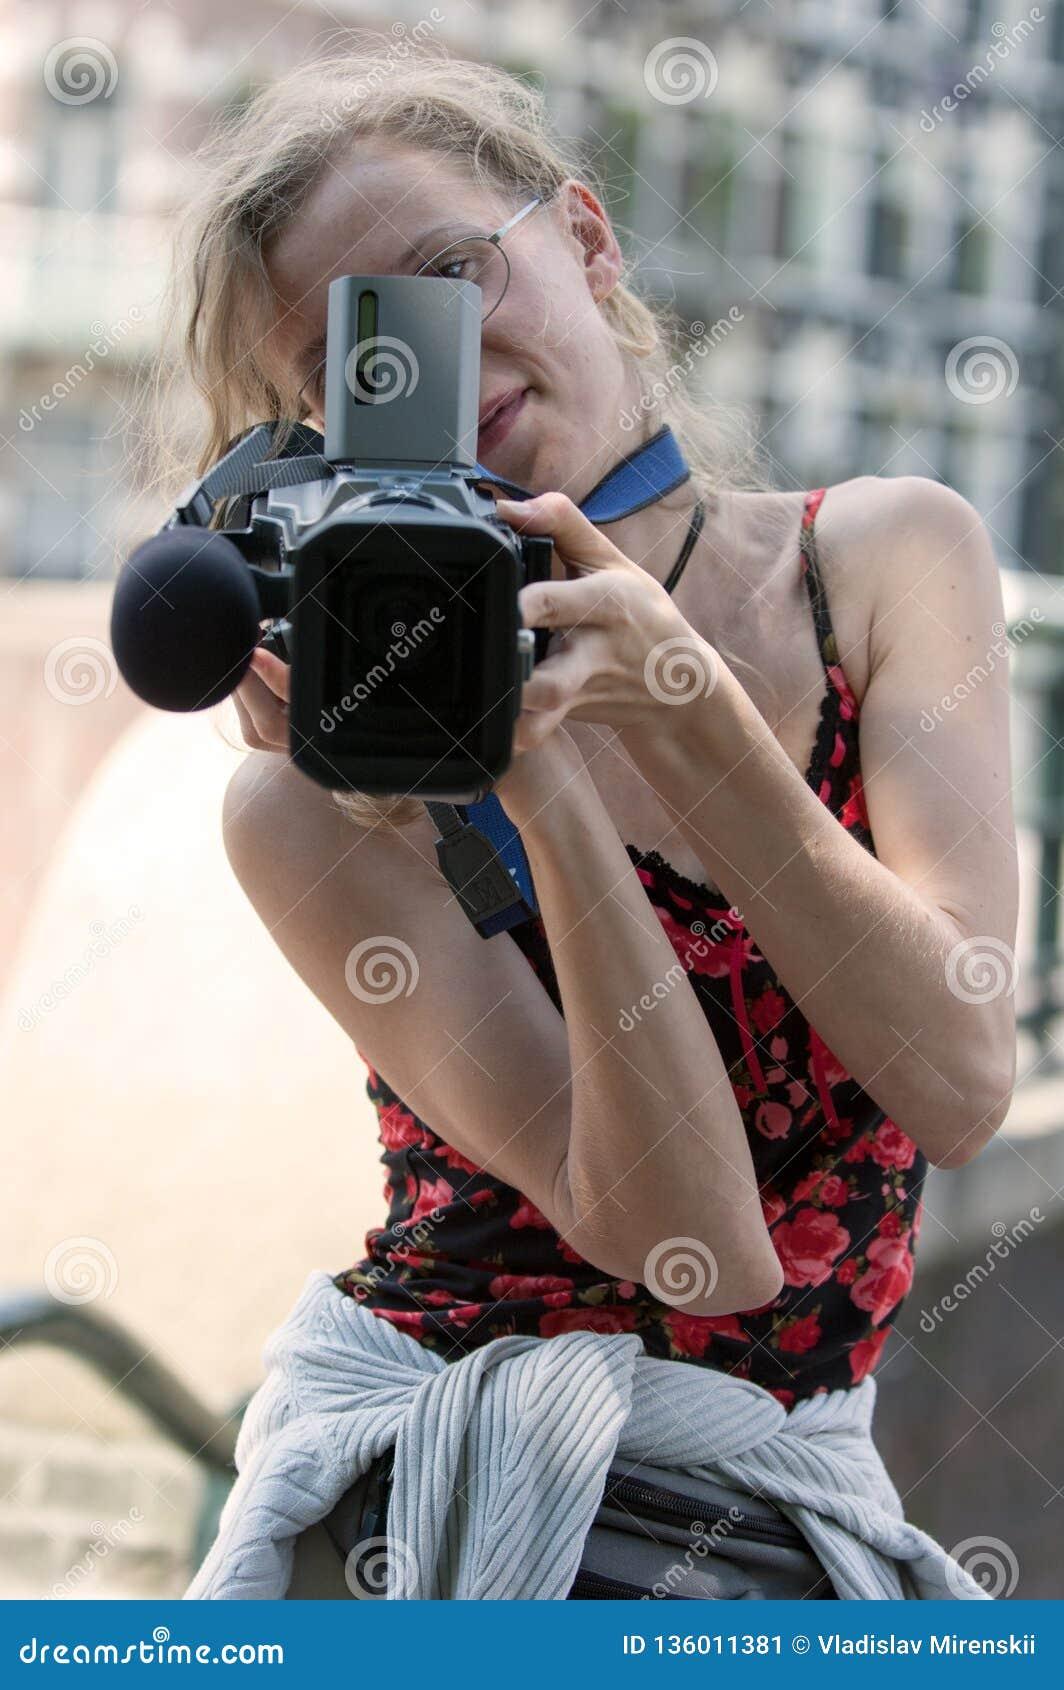 Retrato de una muchacha con una cámara de vídeo